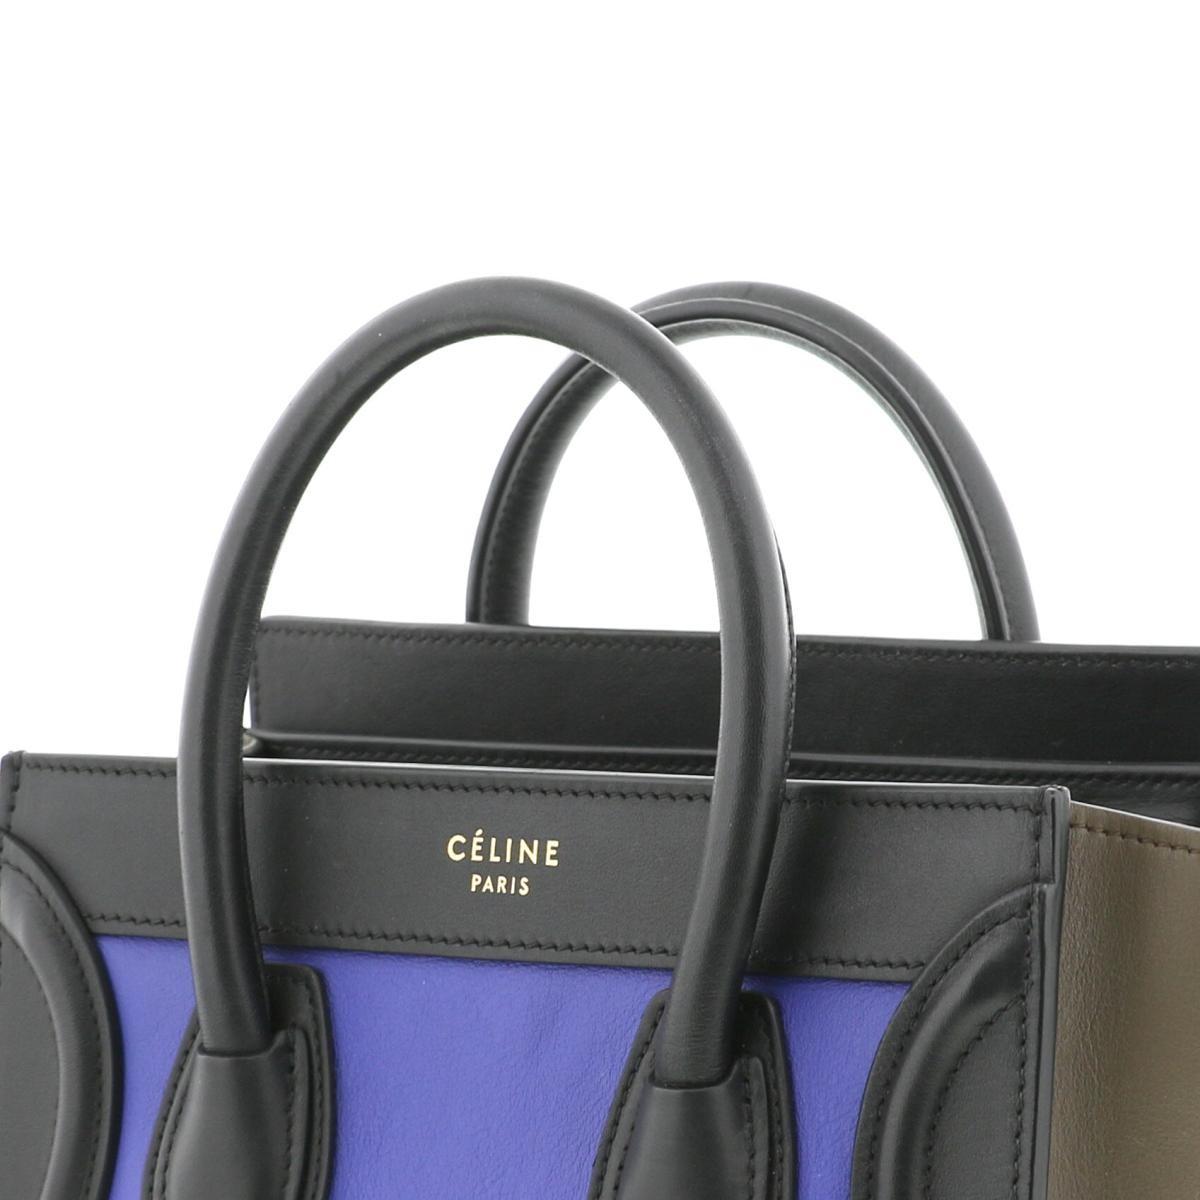 【中古】CELINE (セリーヌ) ラゲージ ナノショッパー バッグ ショルダー/メッセンジャーバッグ LUGGAGE Blue 168243 used:A